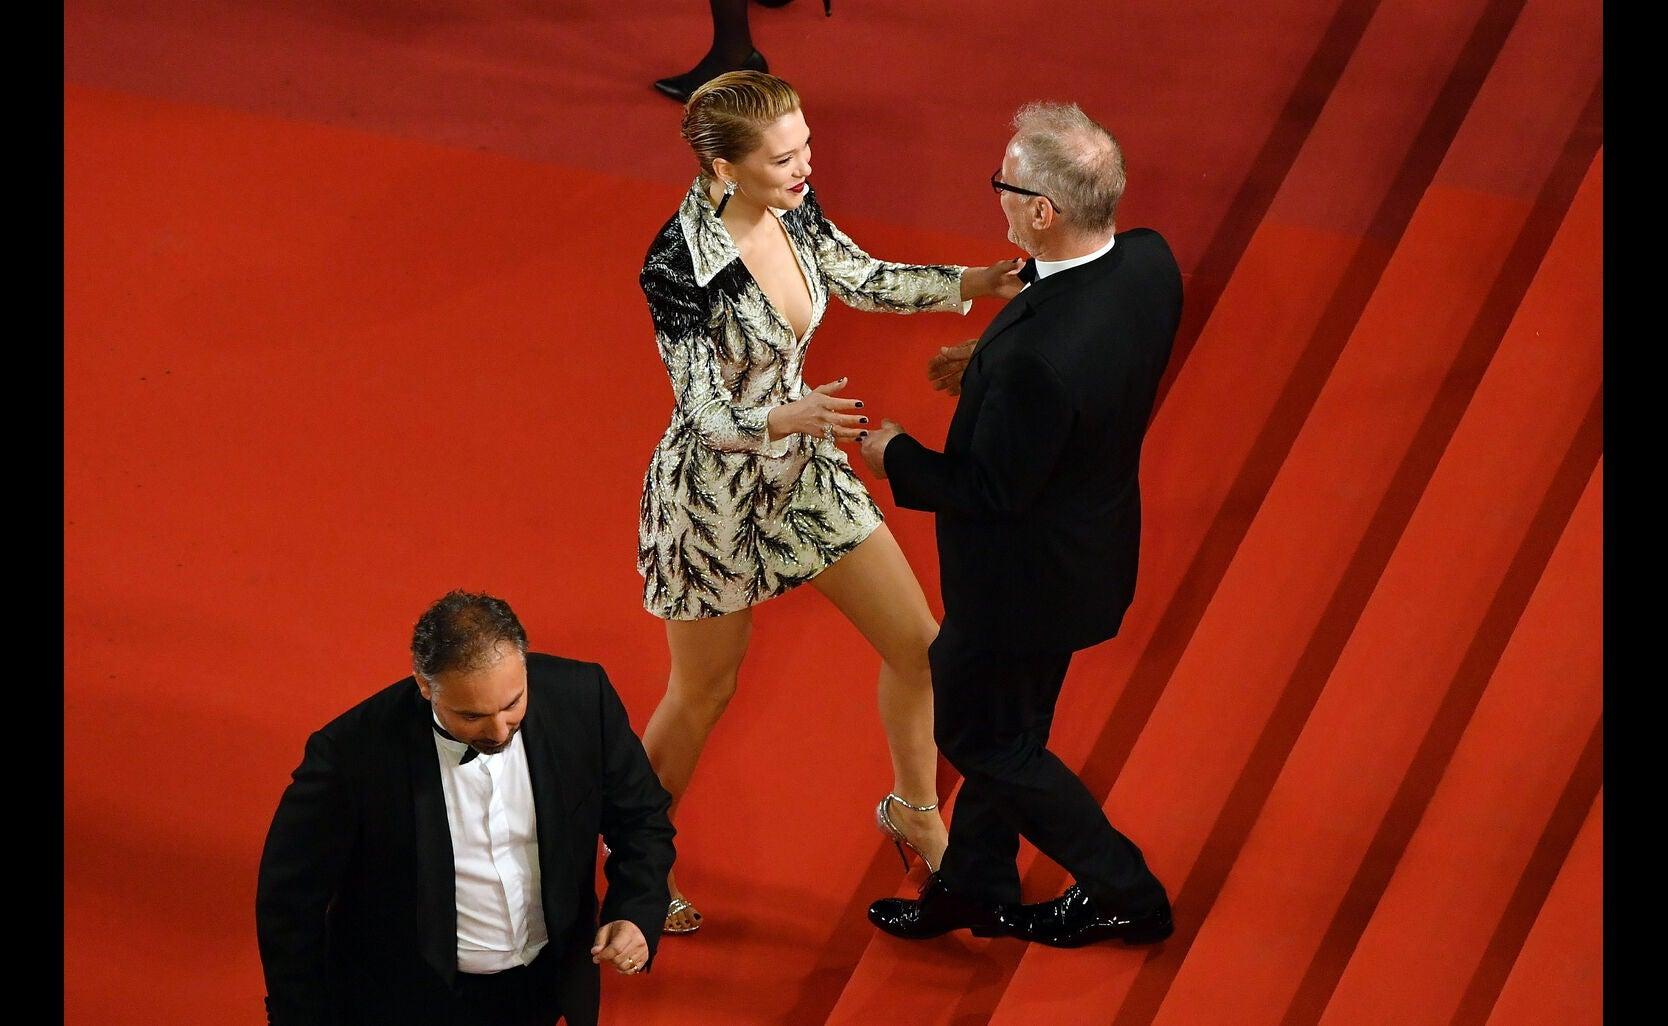 Lea Seydoux in Cannes 2018